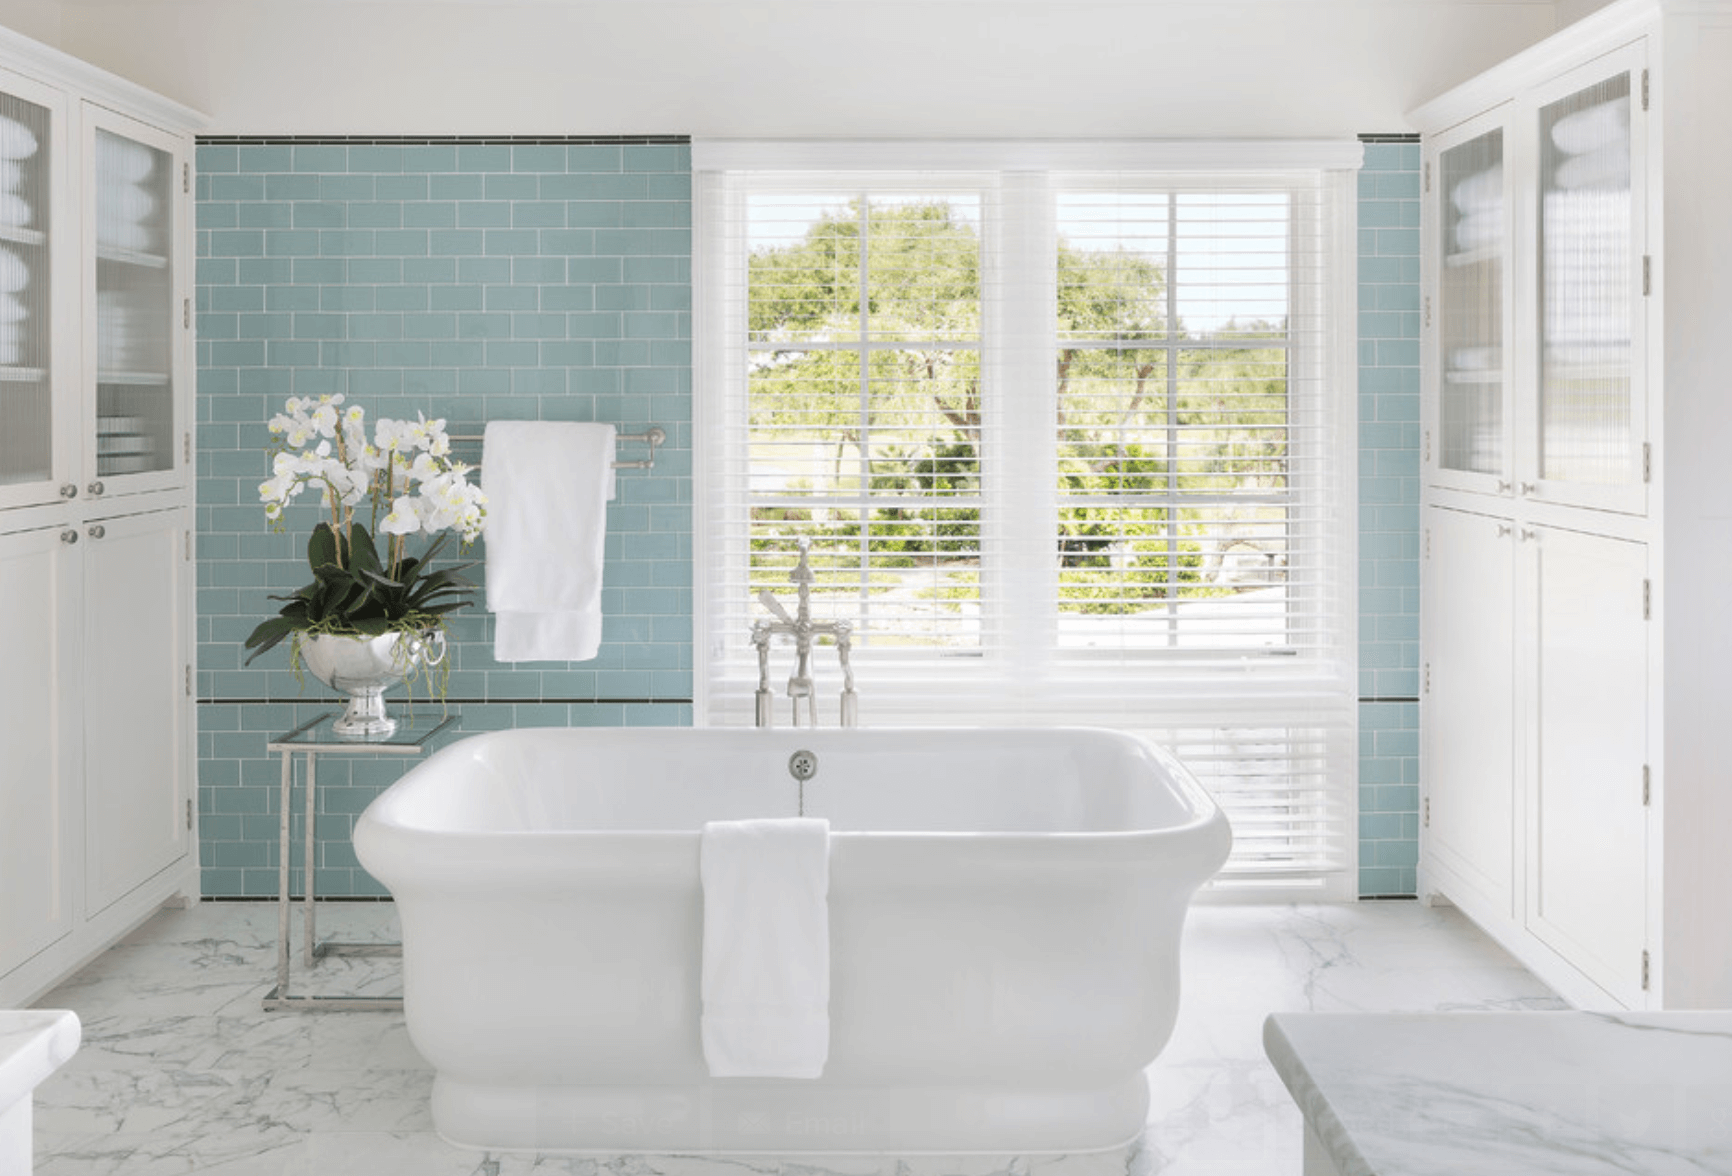 23 Banheiros com Pastilhas Lindas  Arquidicas -> Decoracao Com Pastilhas De Vidro Em Banheiro